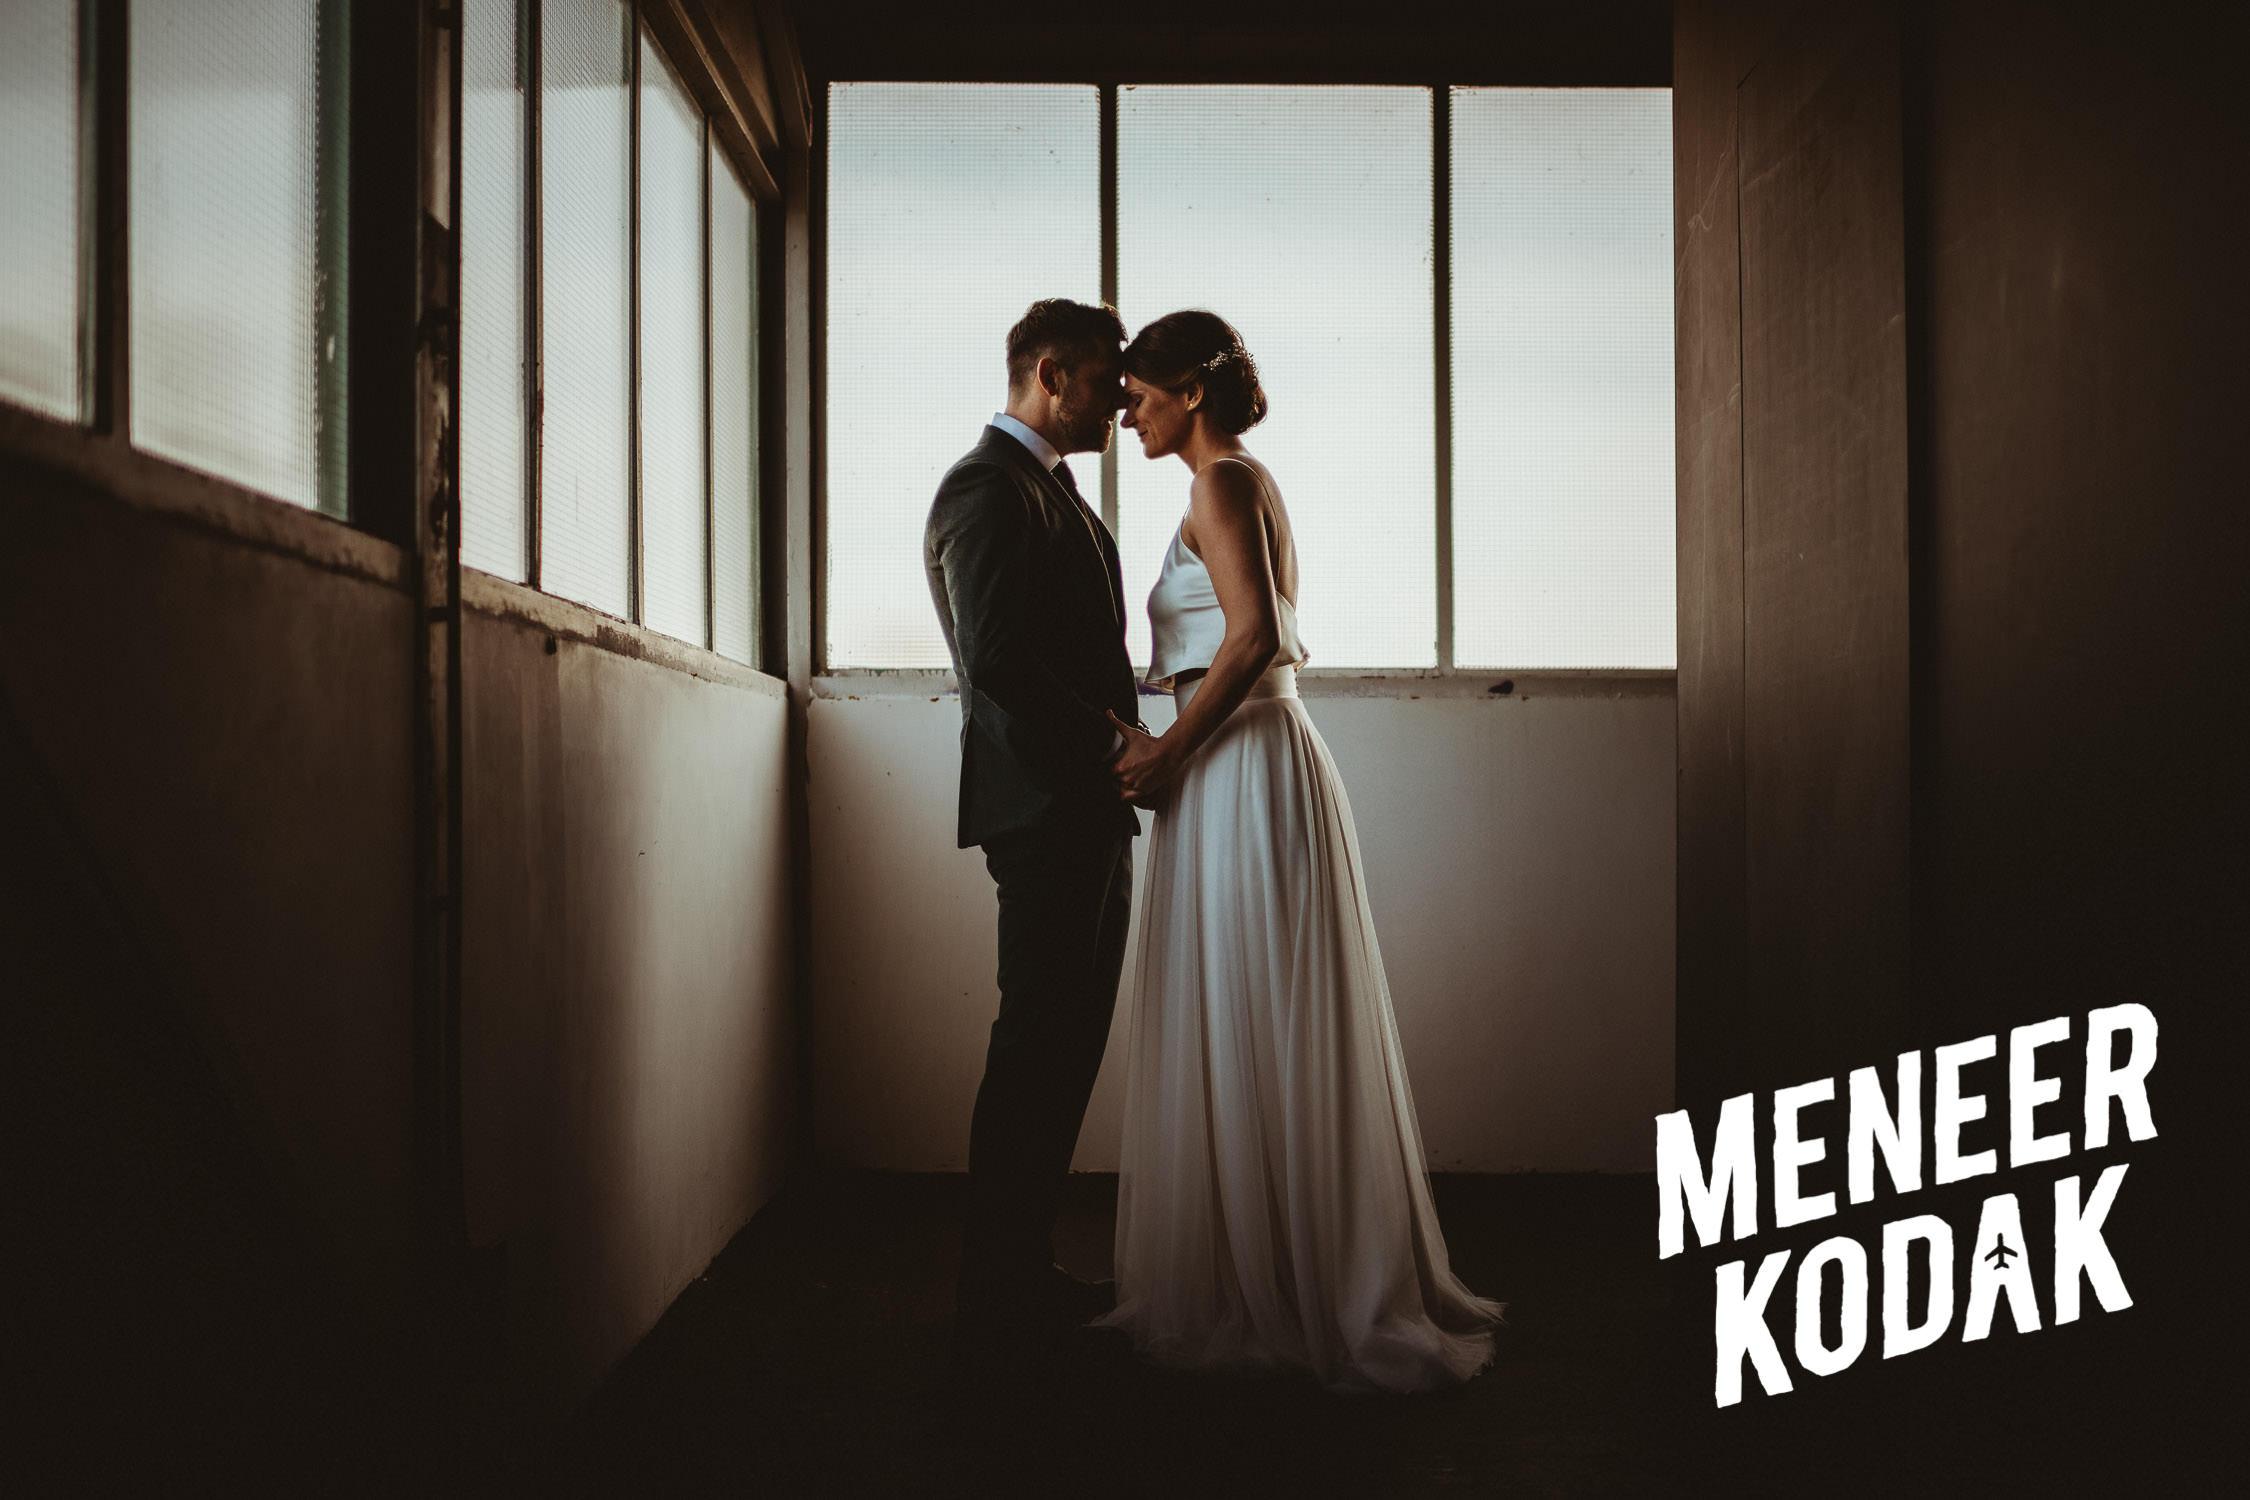 Meneer Kodak - Bruidsfotograaf - Breda - S&R-082.jpg